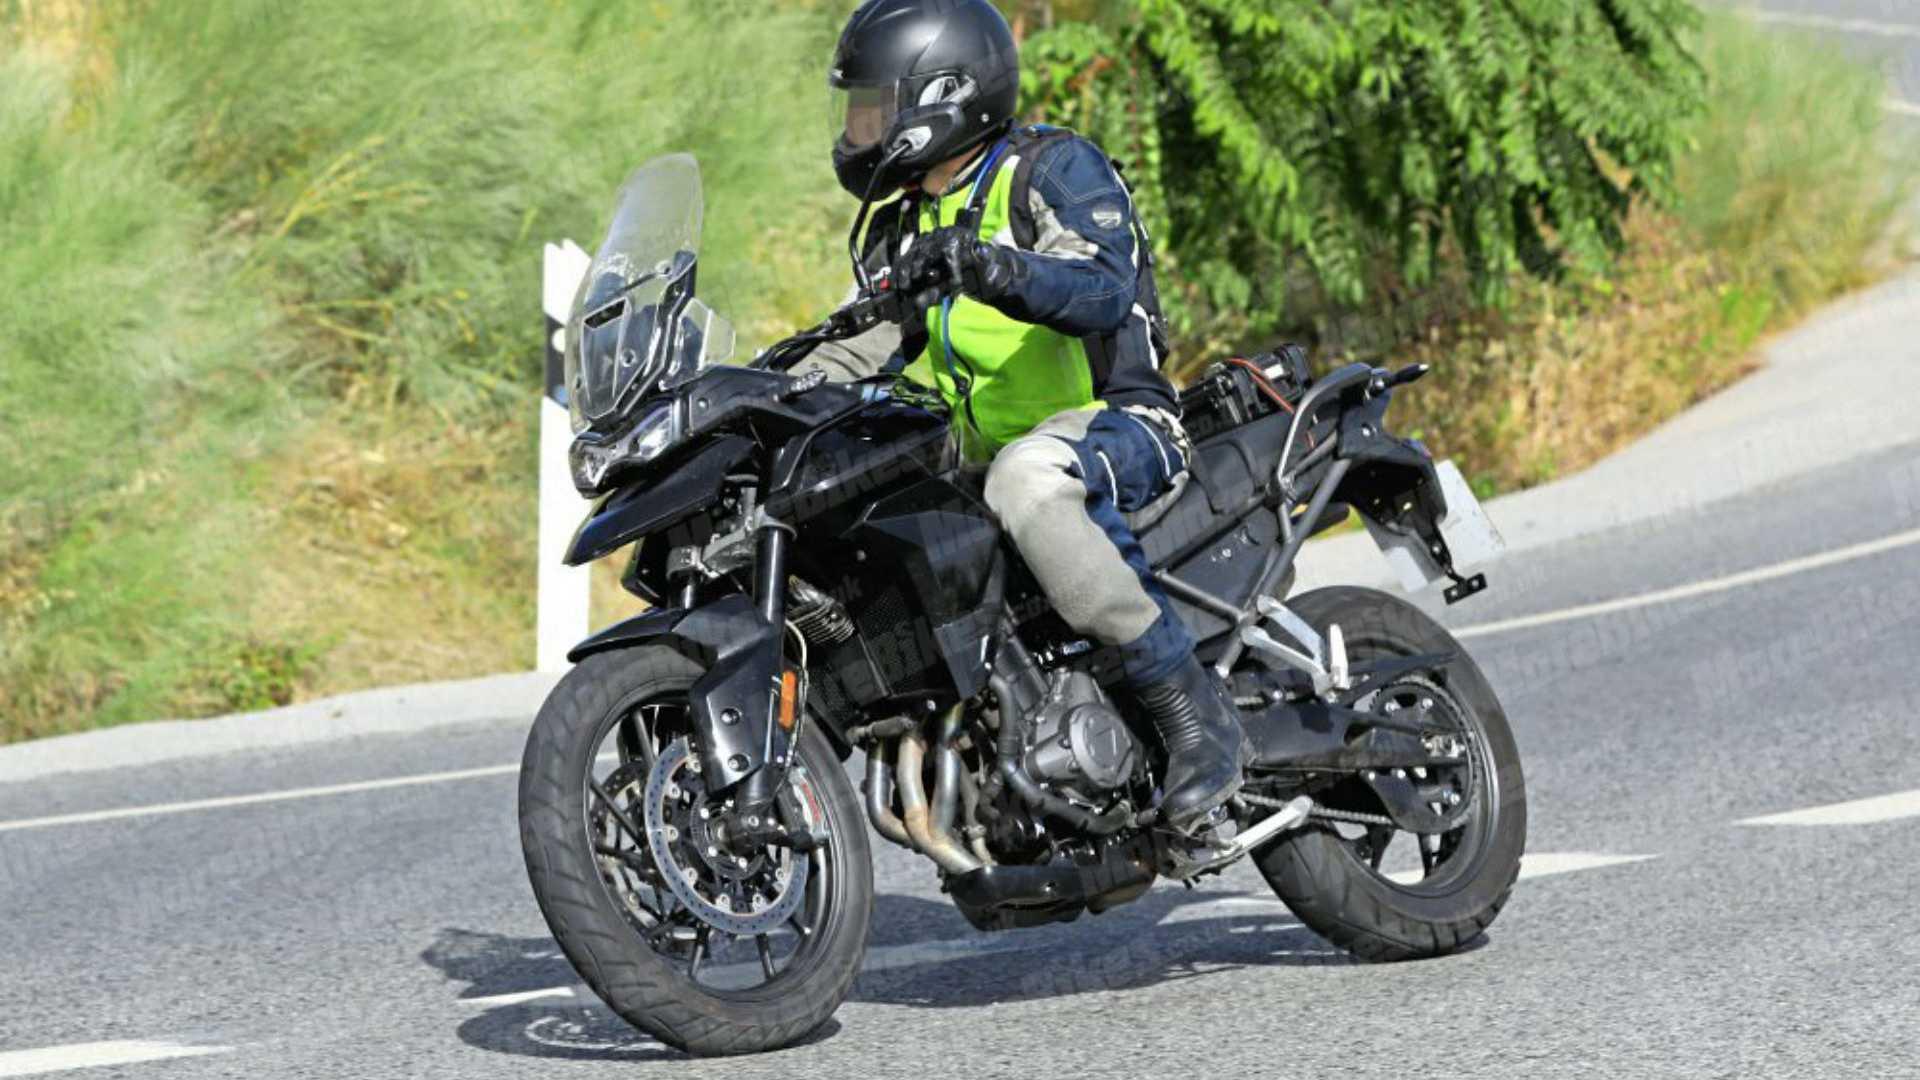 Triumph(トライアンフ)Tiger 1000ccクラスの新型モデル投入か?